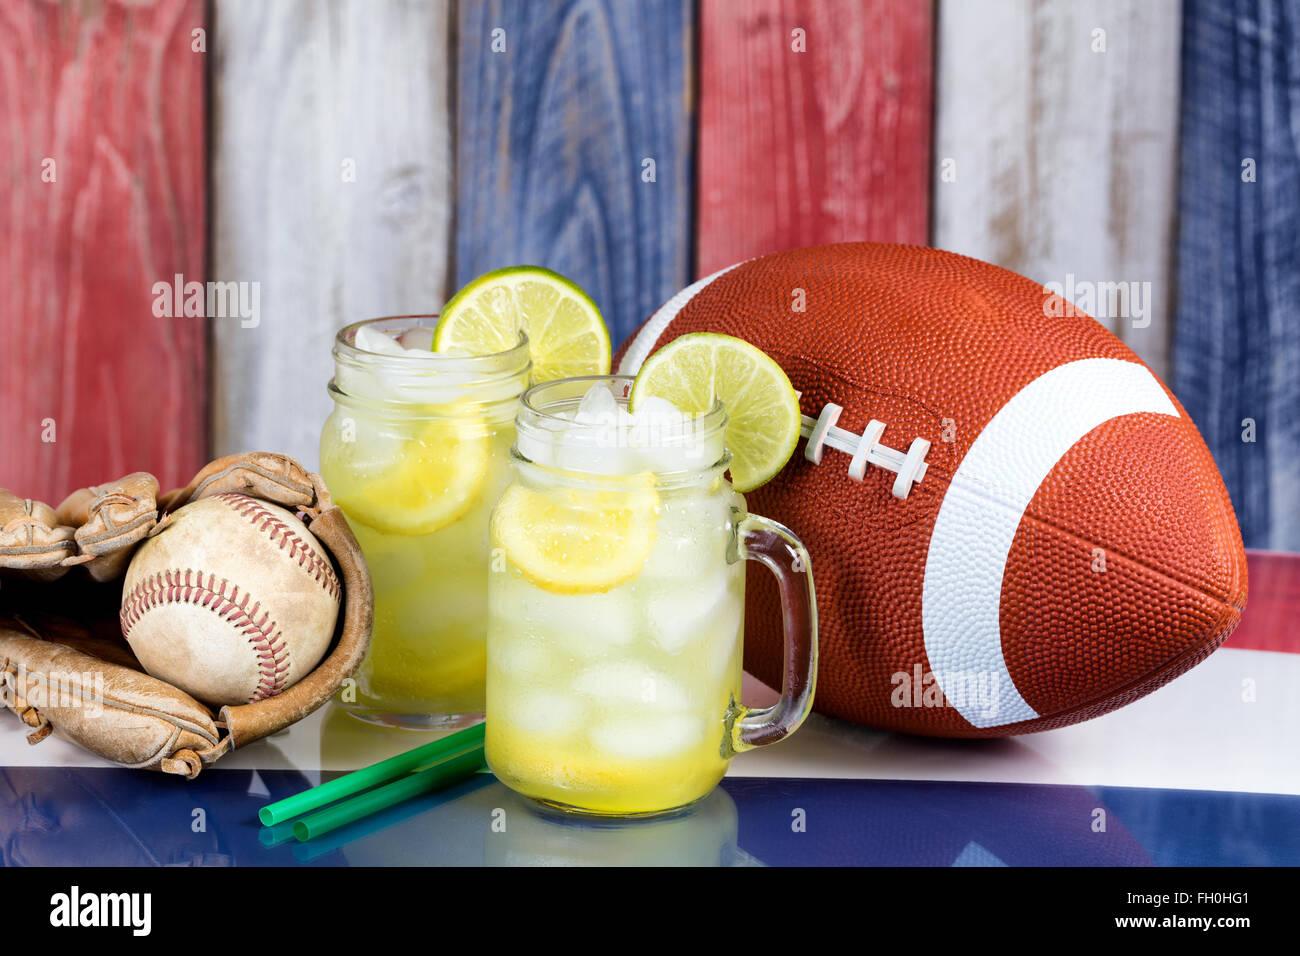 Jar vasos llenos con limonada fría con artículos deportivos. Desapareció a los tableros de madera Imagen De Stock